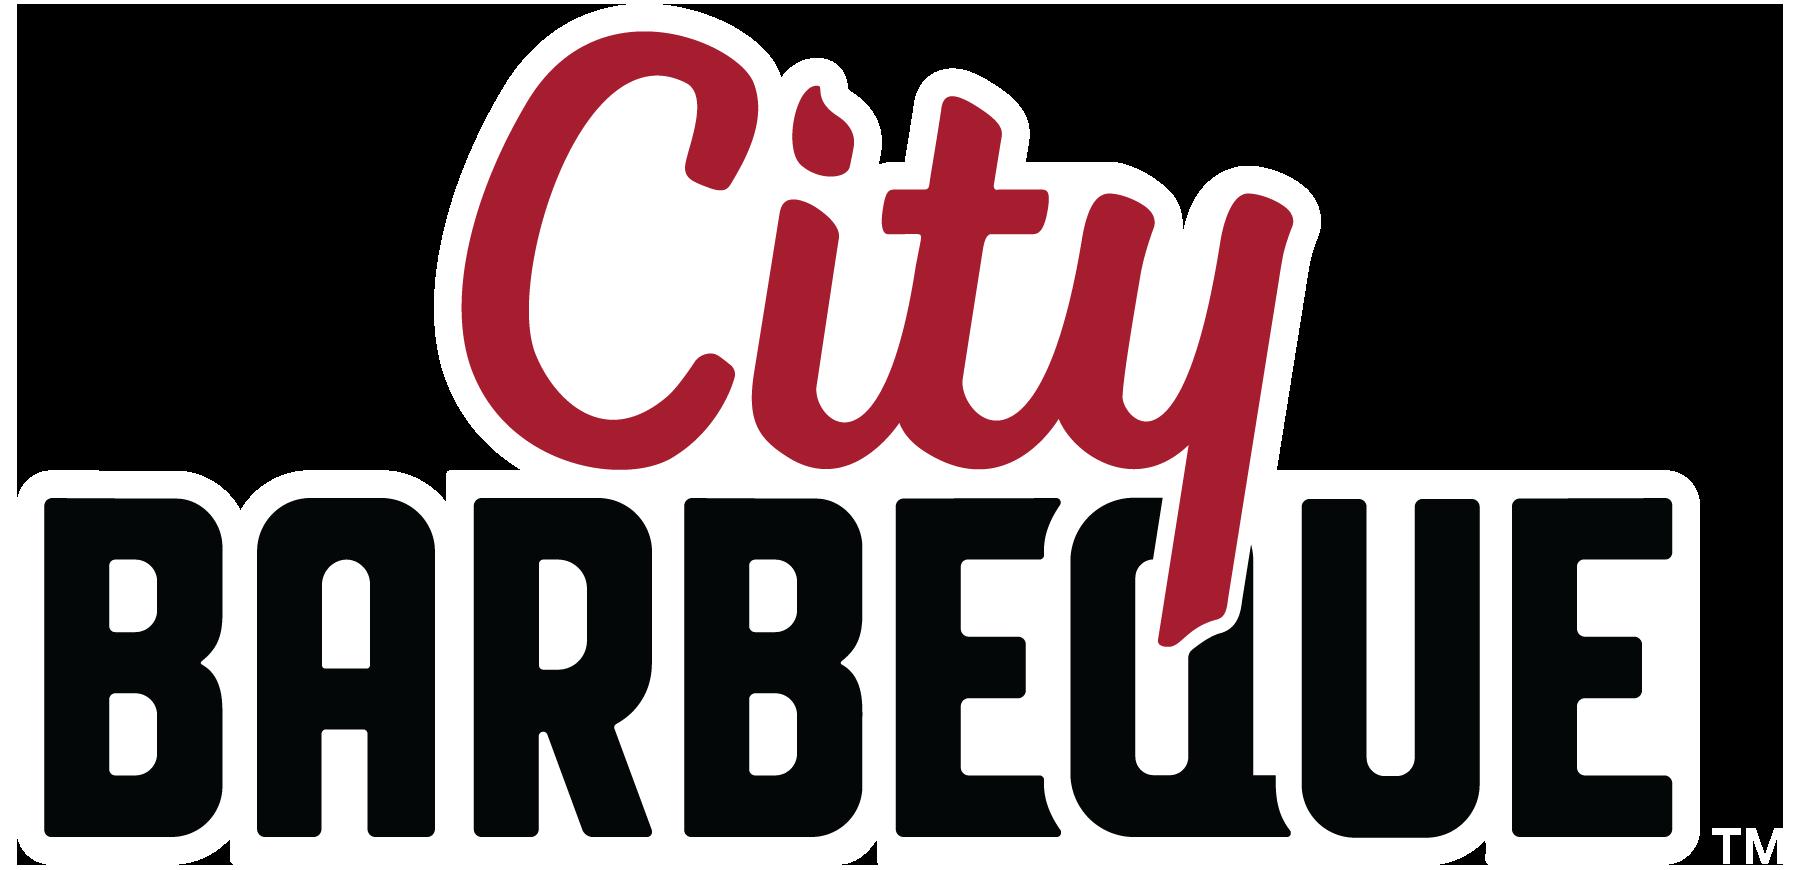 CityBBQ_